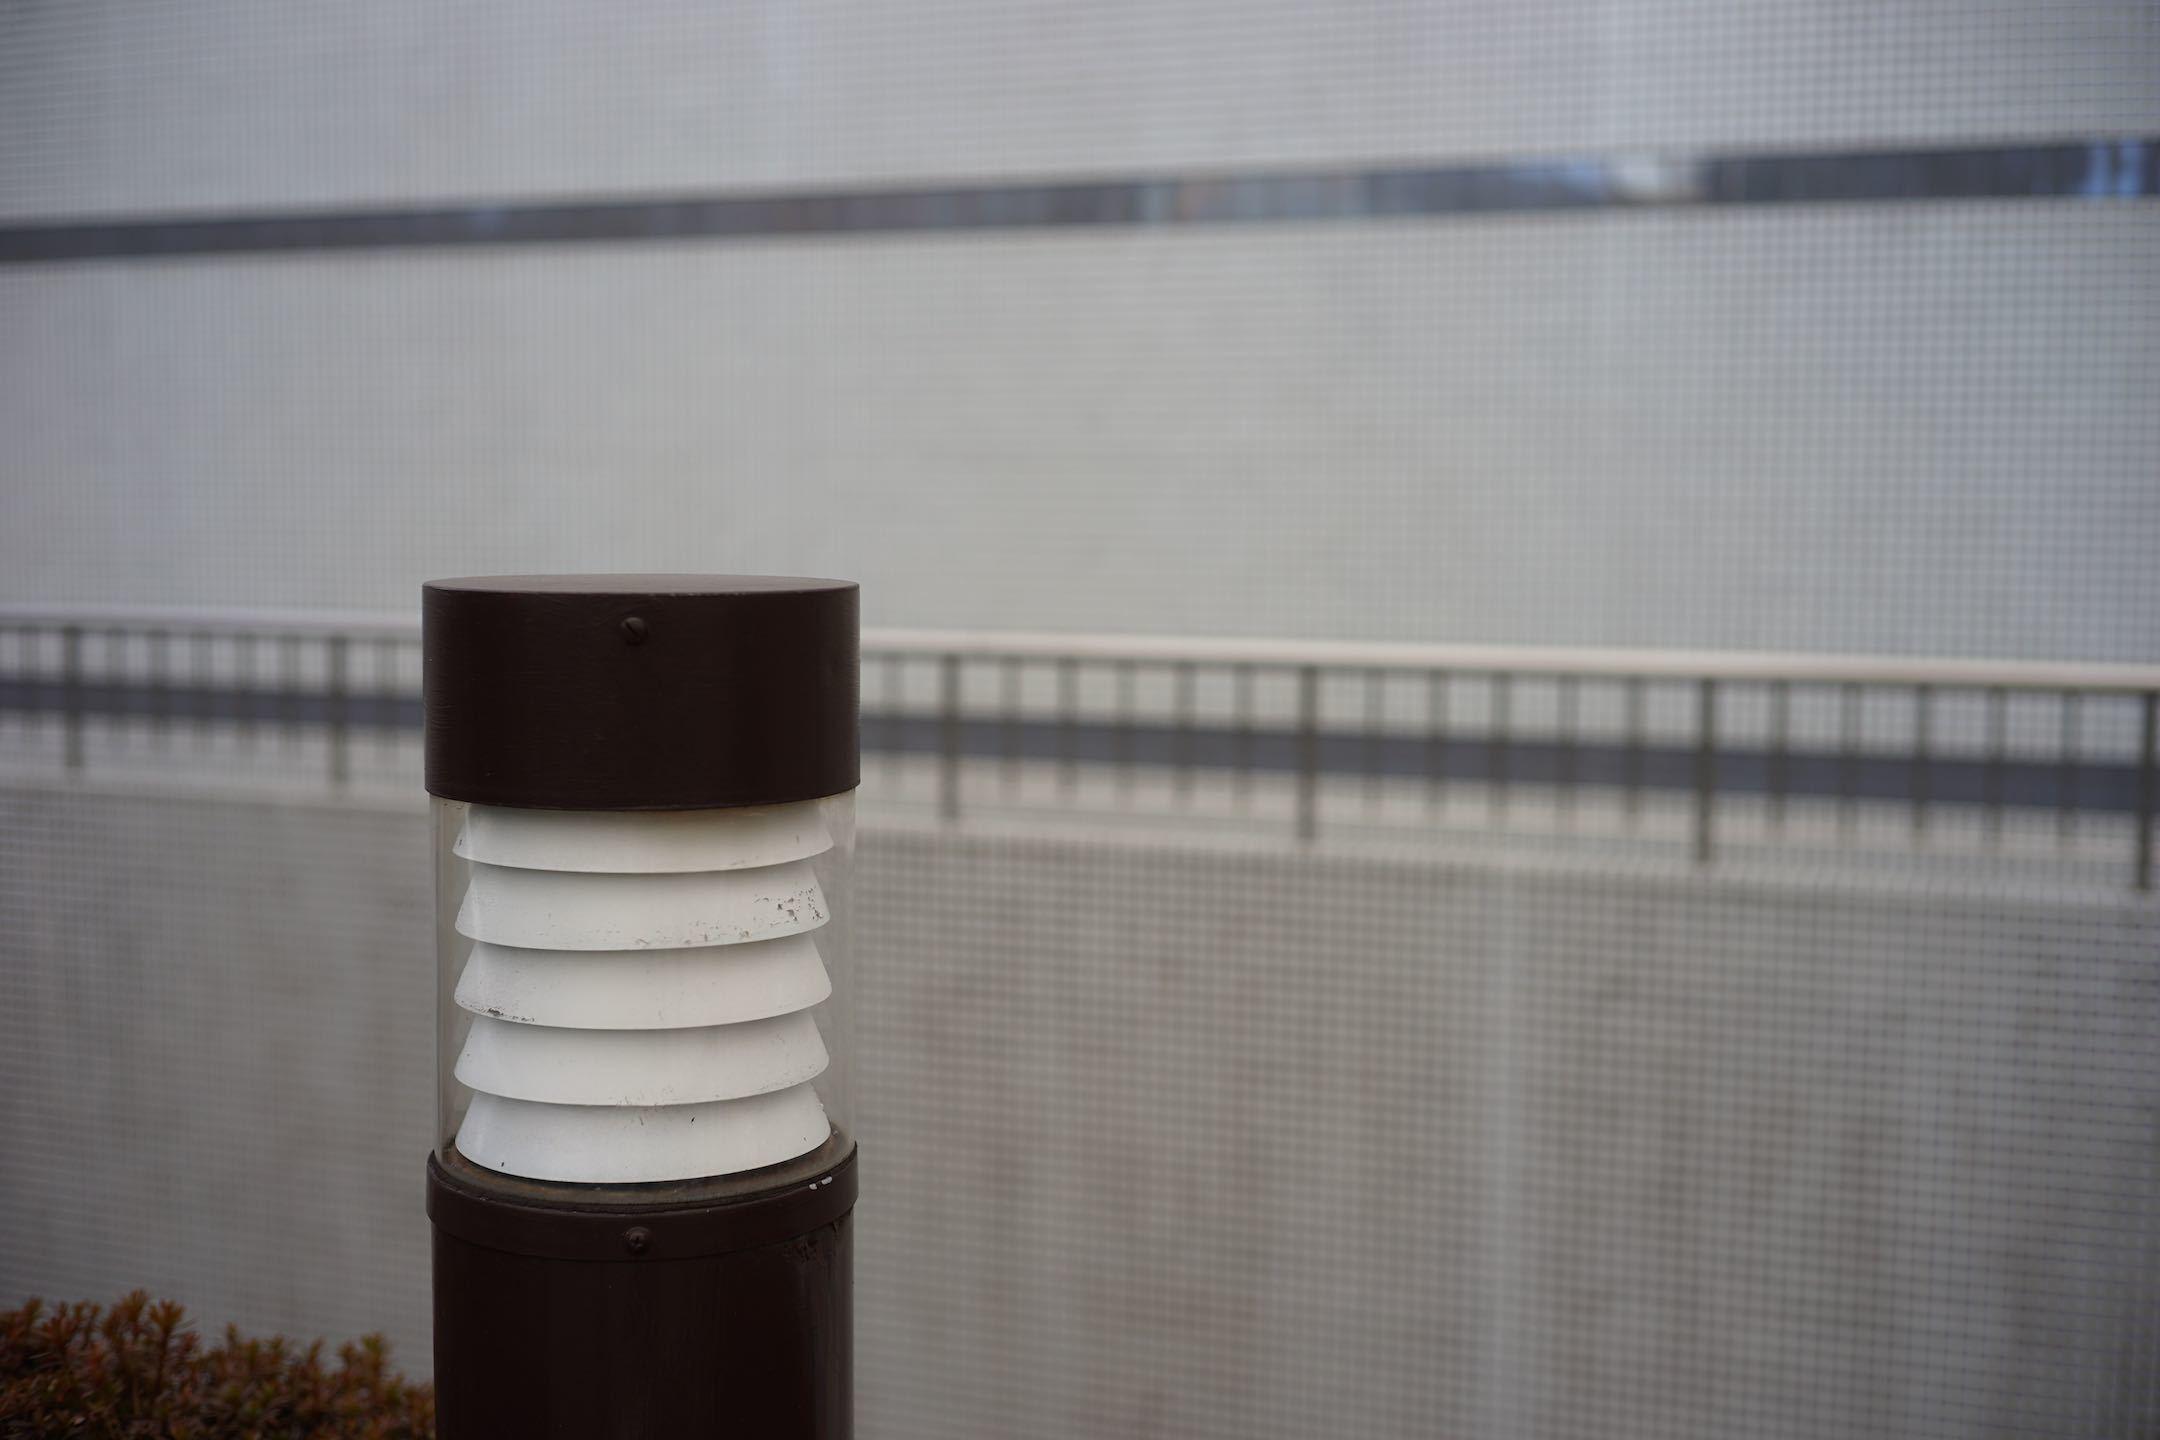 NOKTON classic 40mm F1.4を試す 15_b0360240_12004120.jpg